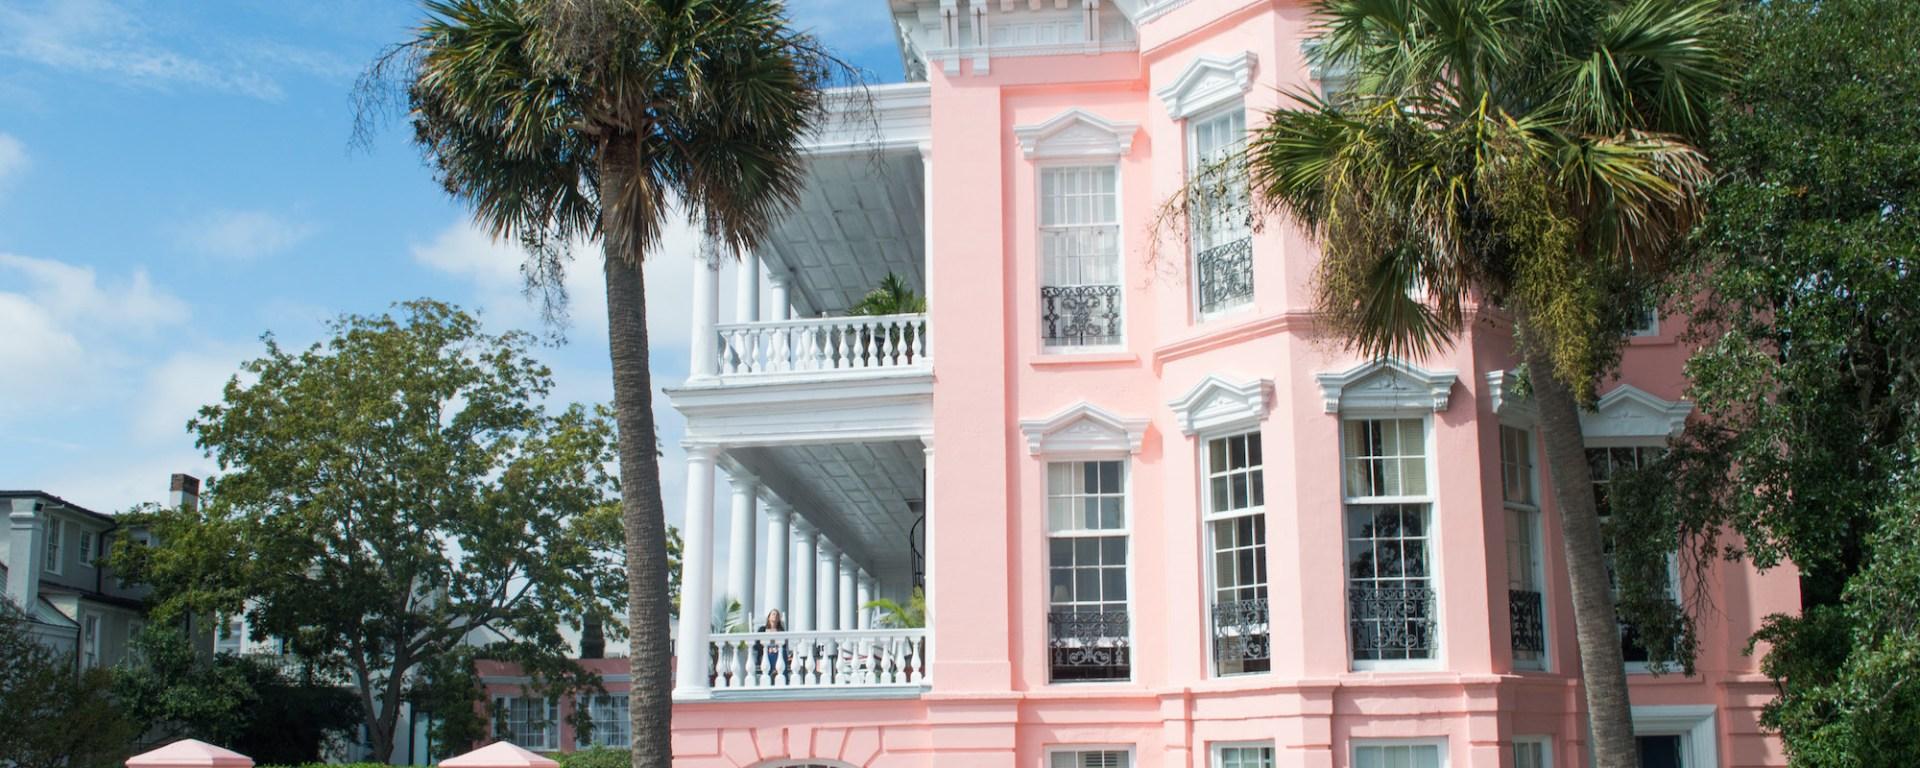 Palmer house B&B Charleston HEADER